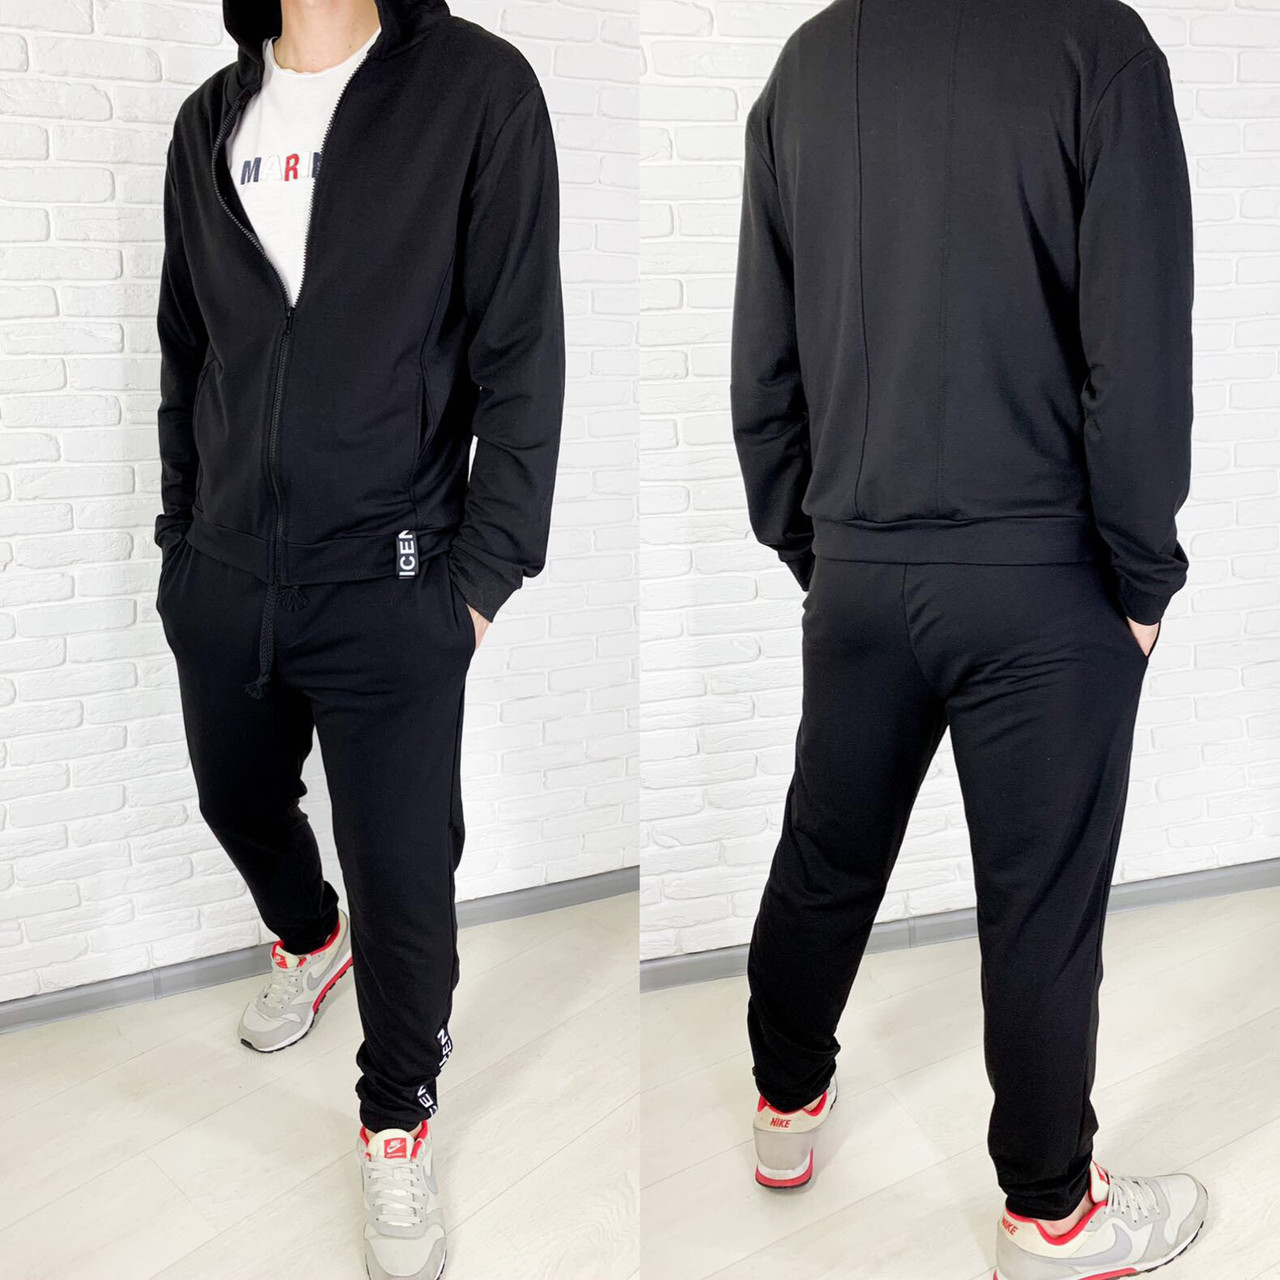 Спортивный костюм мужской чёрный, серый, 46, 48, 50, 52